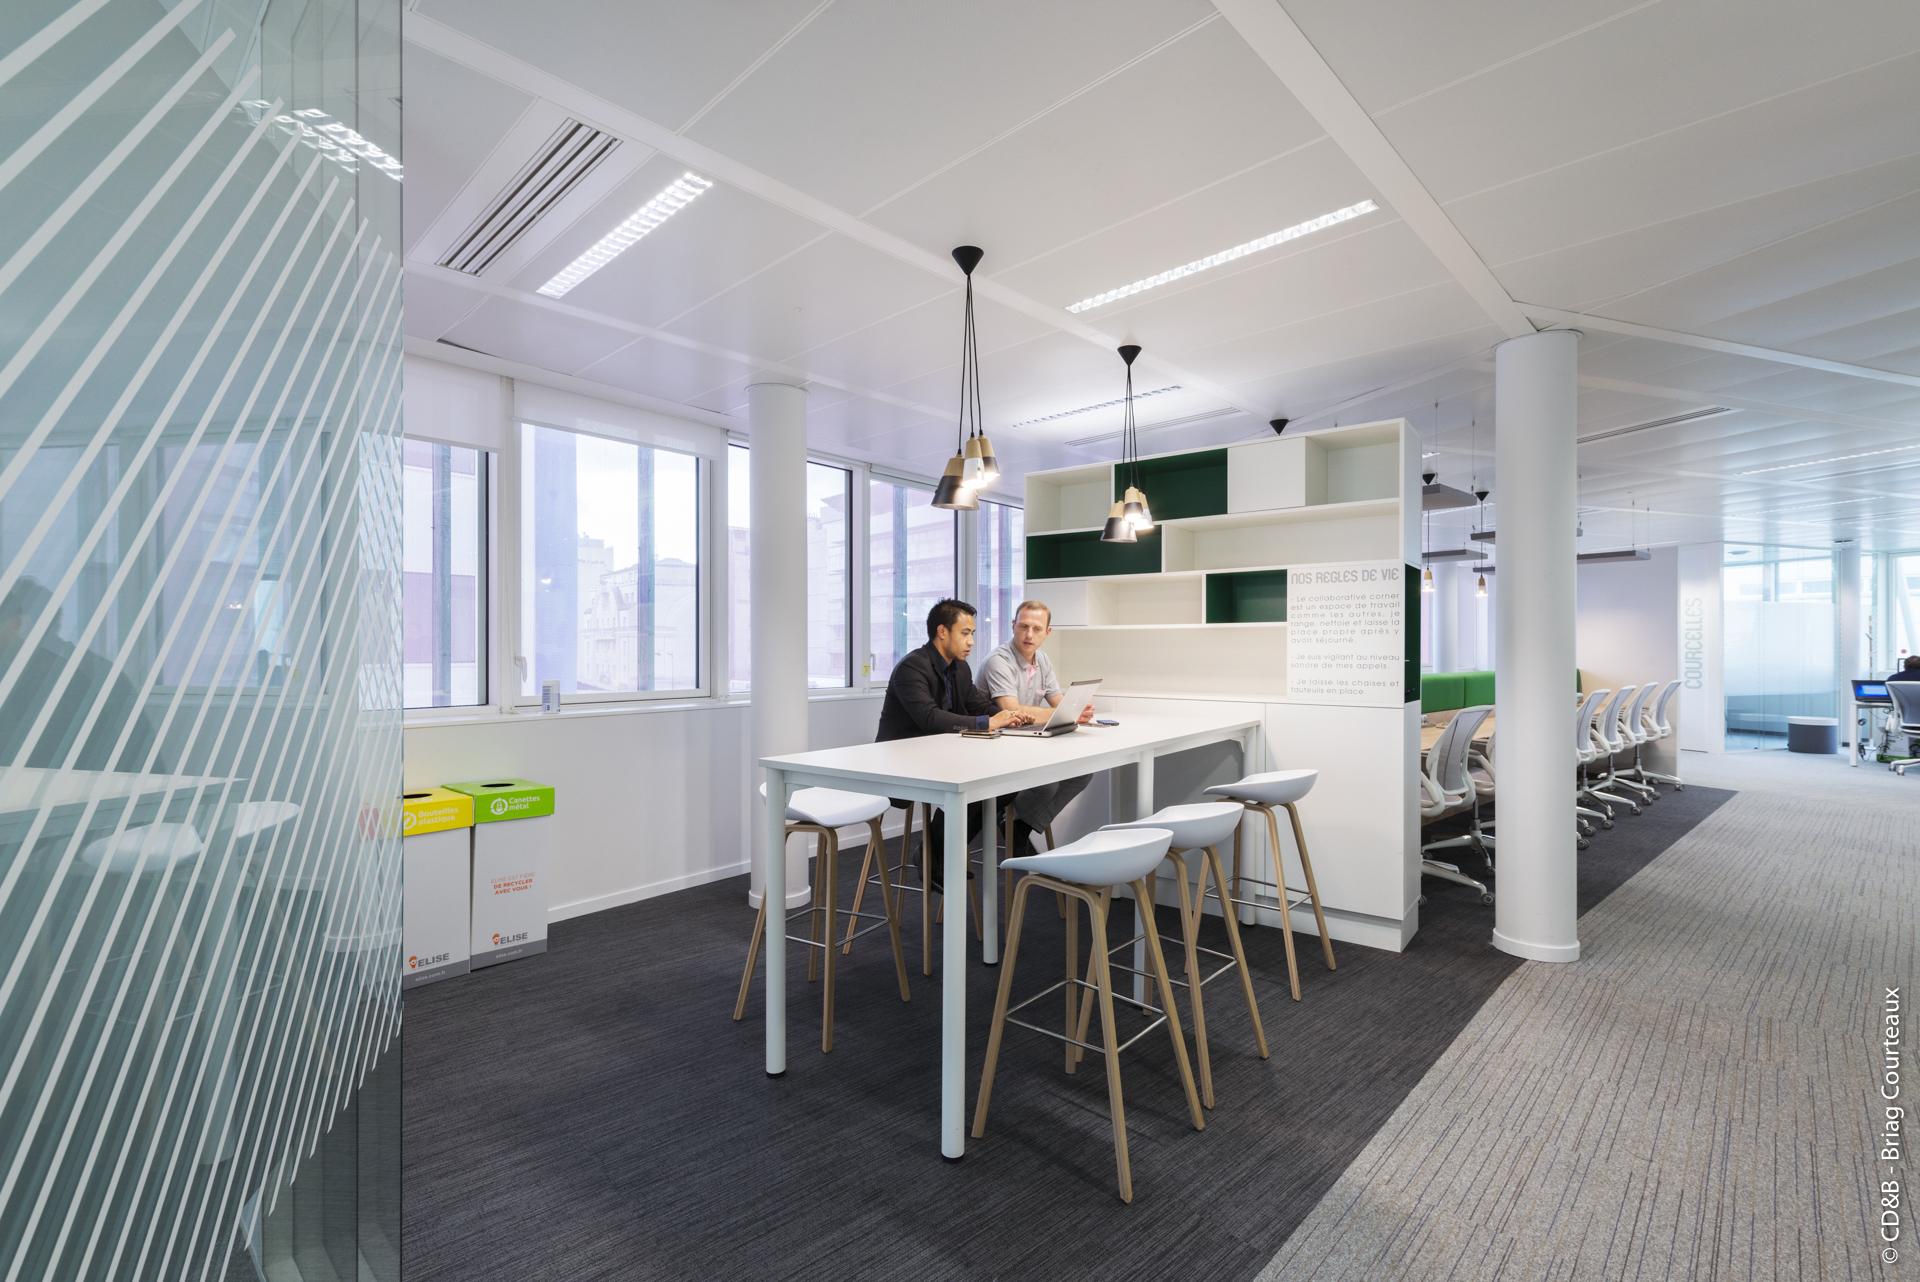 Conseil, aménagement, conception et réalisation des espaces de travail chez Generix par CDB, Meet you there.